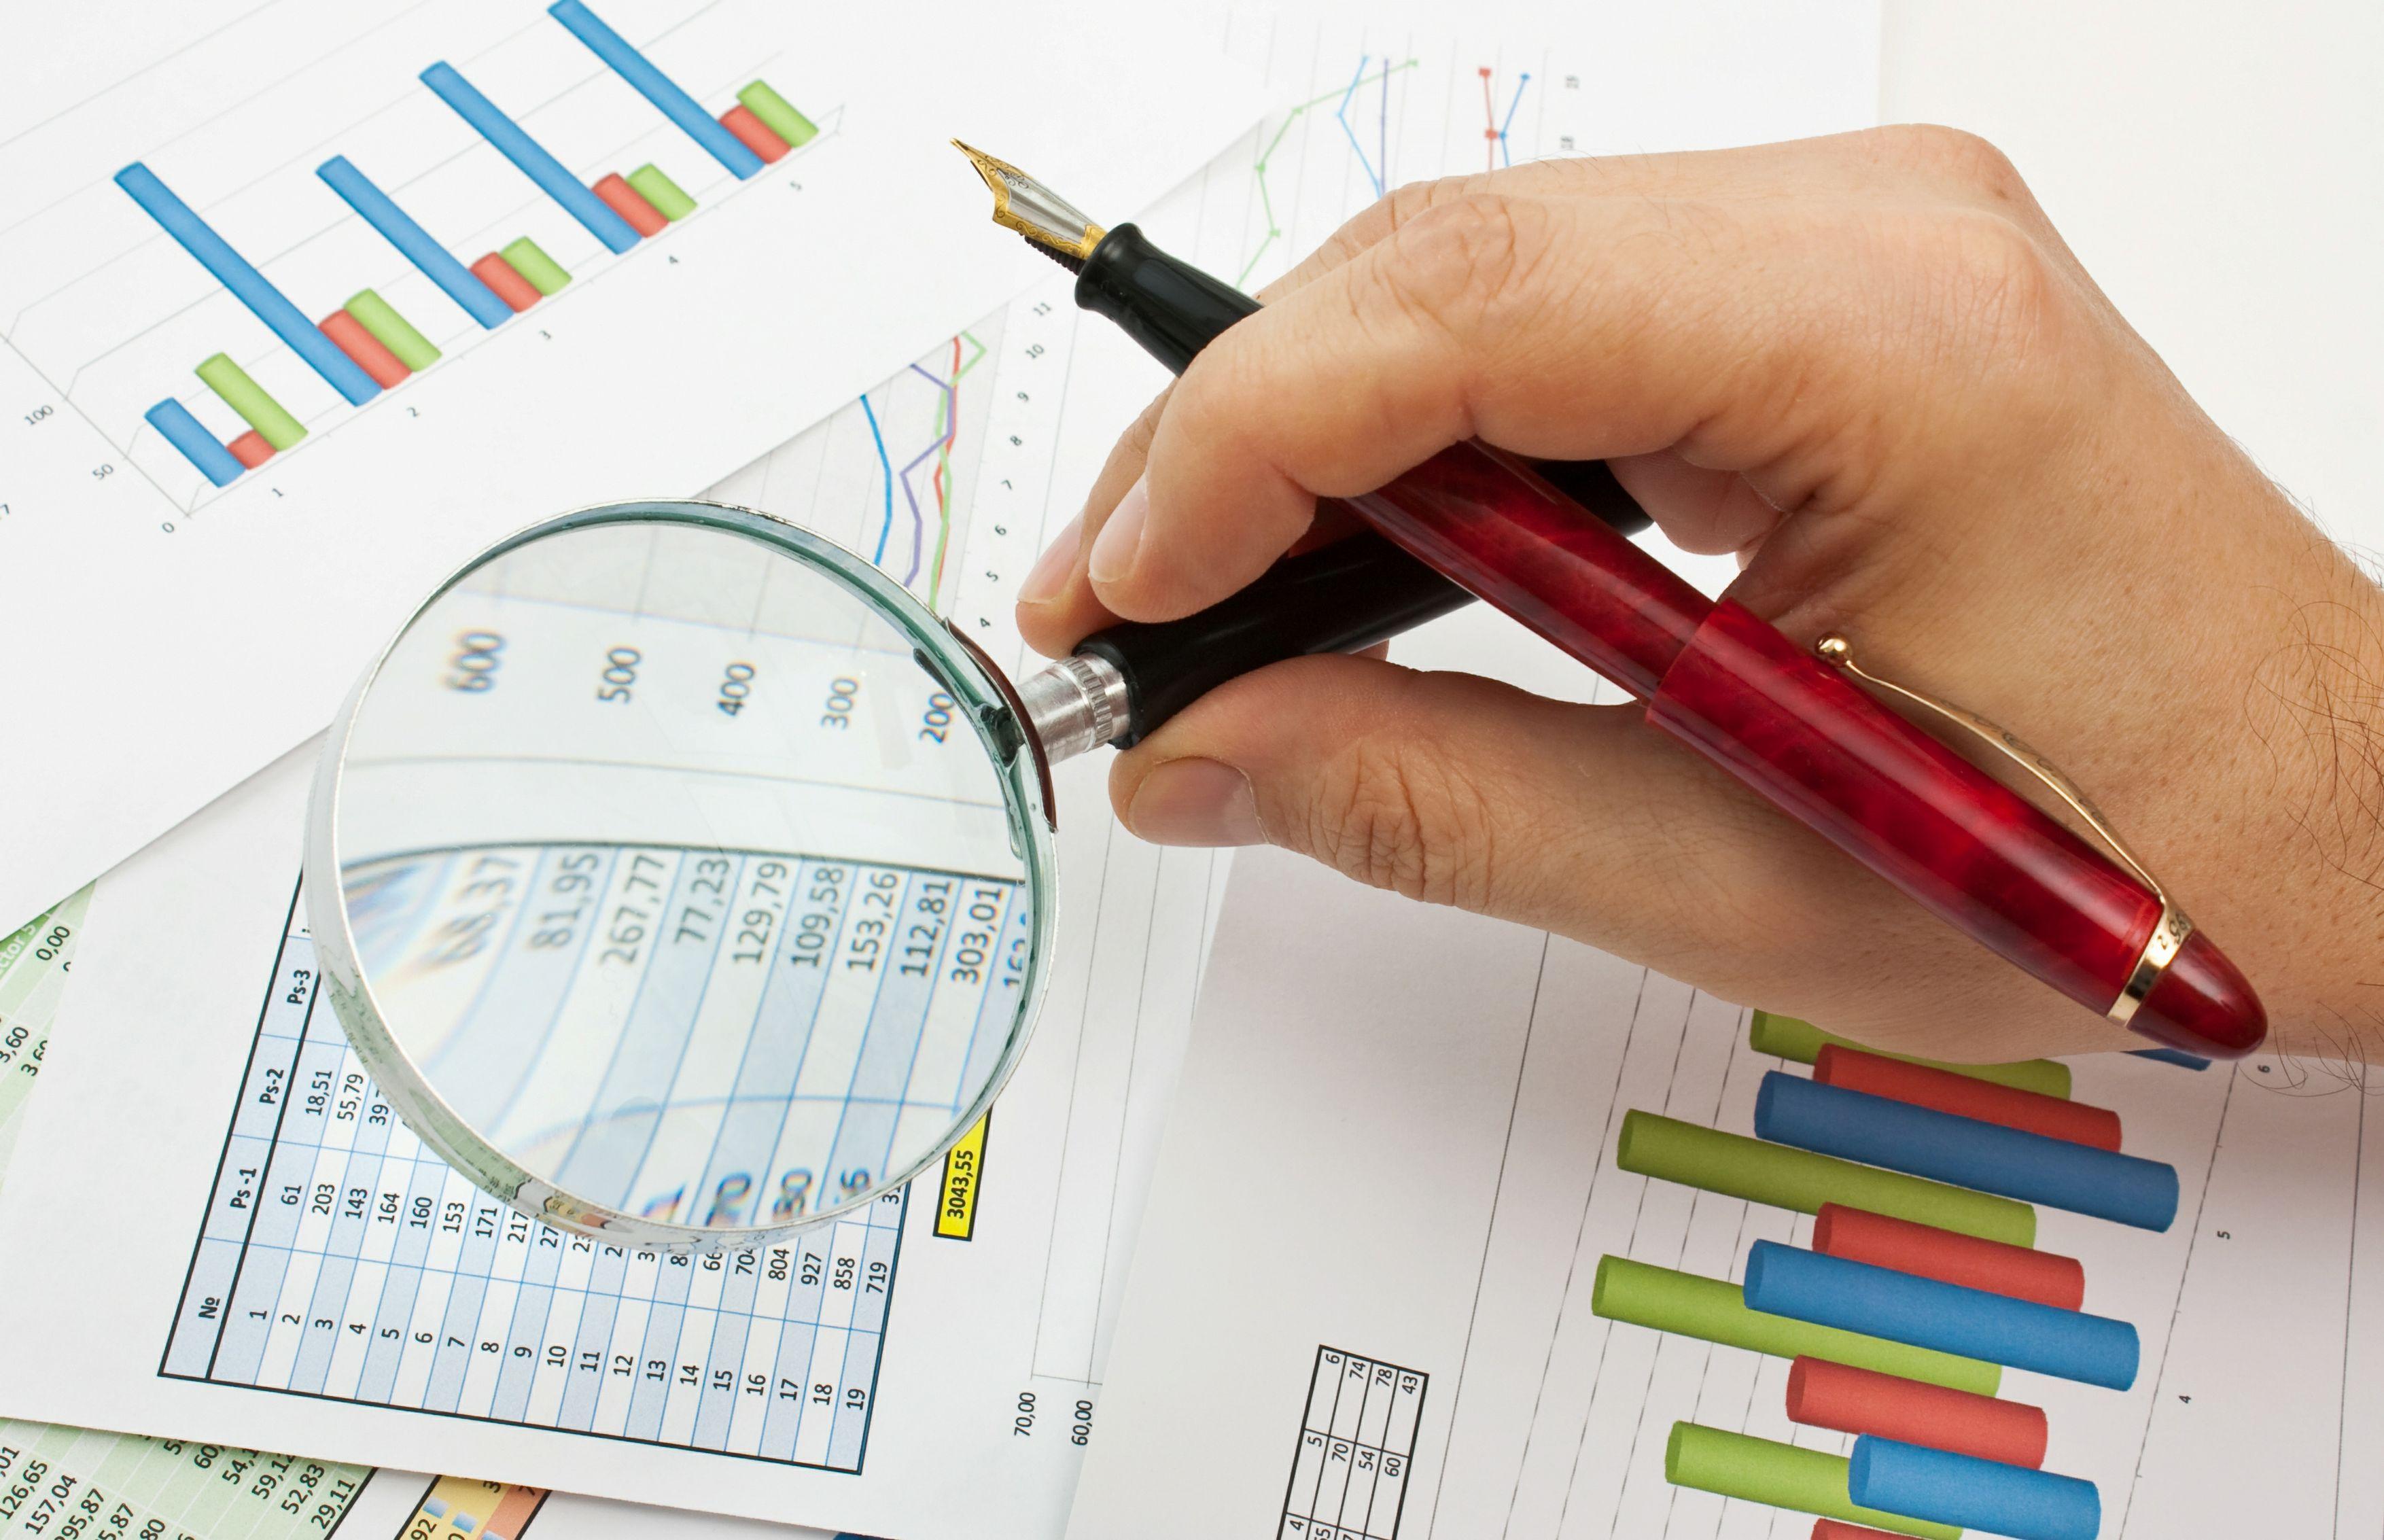 2月贸易数据点评:内需尚平稳,要侧重疏通信贷传导机制